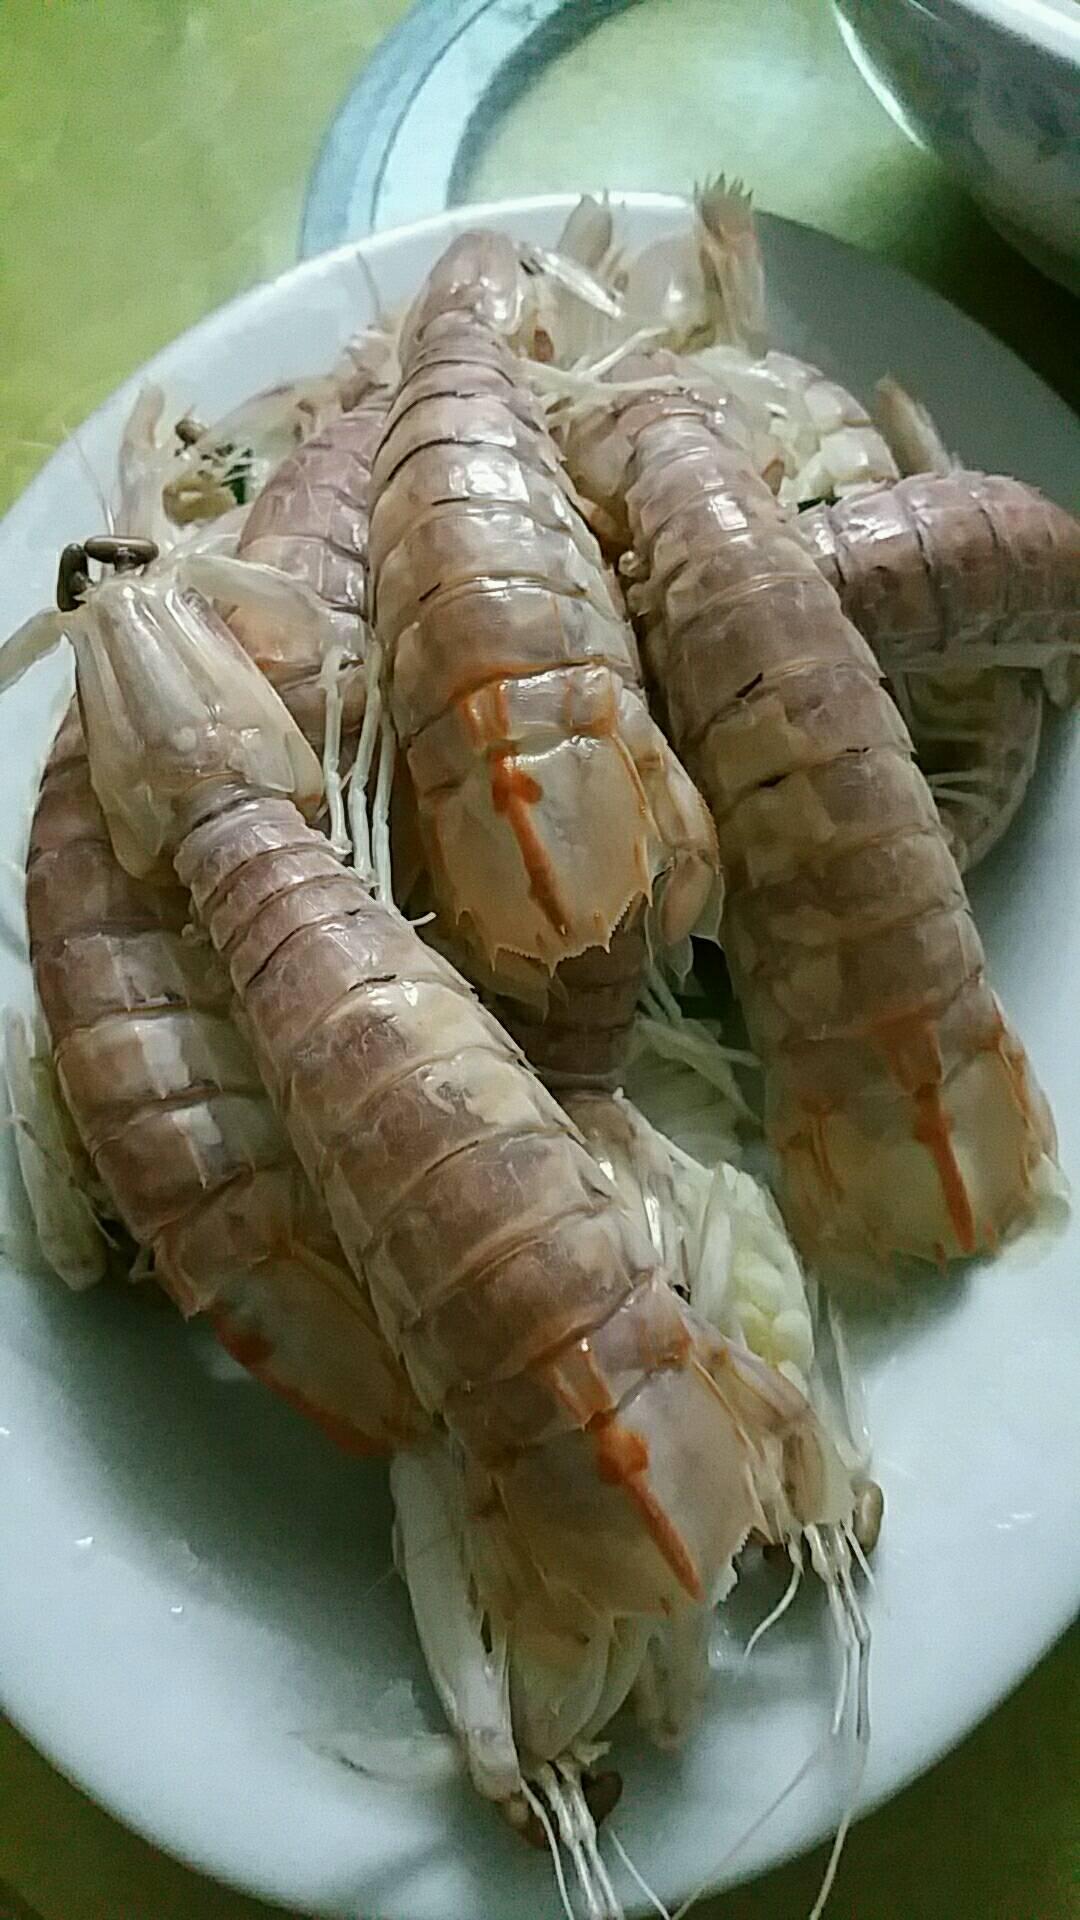 海鲜晚餐 - 家在深圳 - 房网论坛(深圳房地产信息网